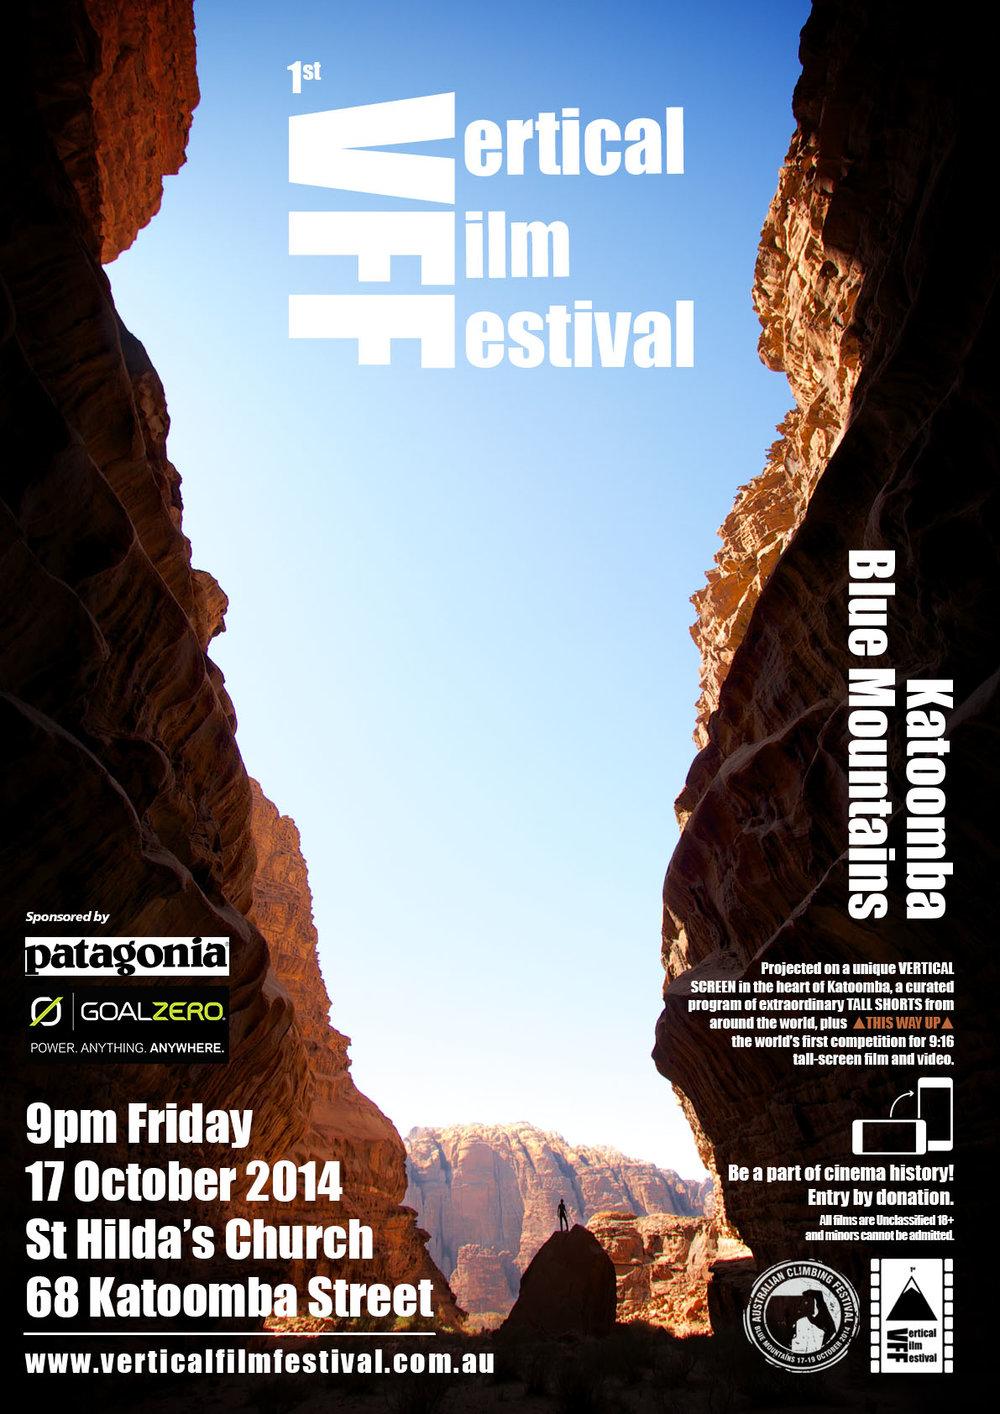 VFF 1st Vertical Film Festival poster 14Oct14.jpg